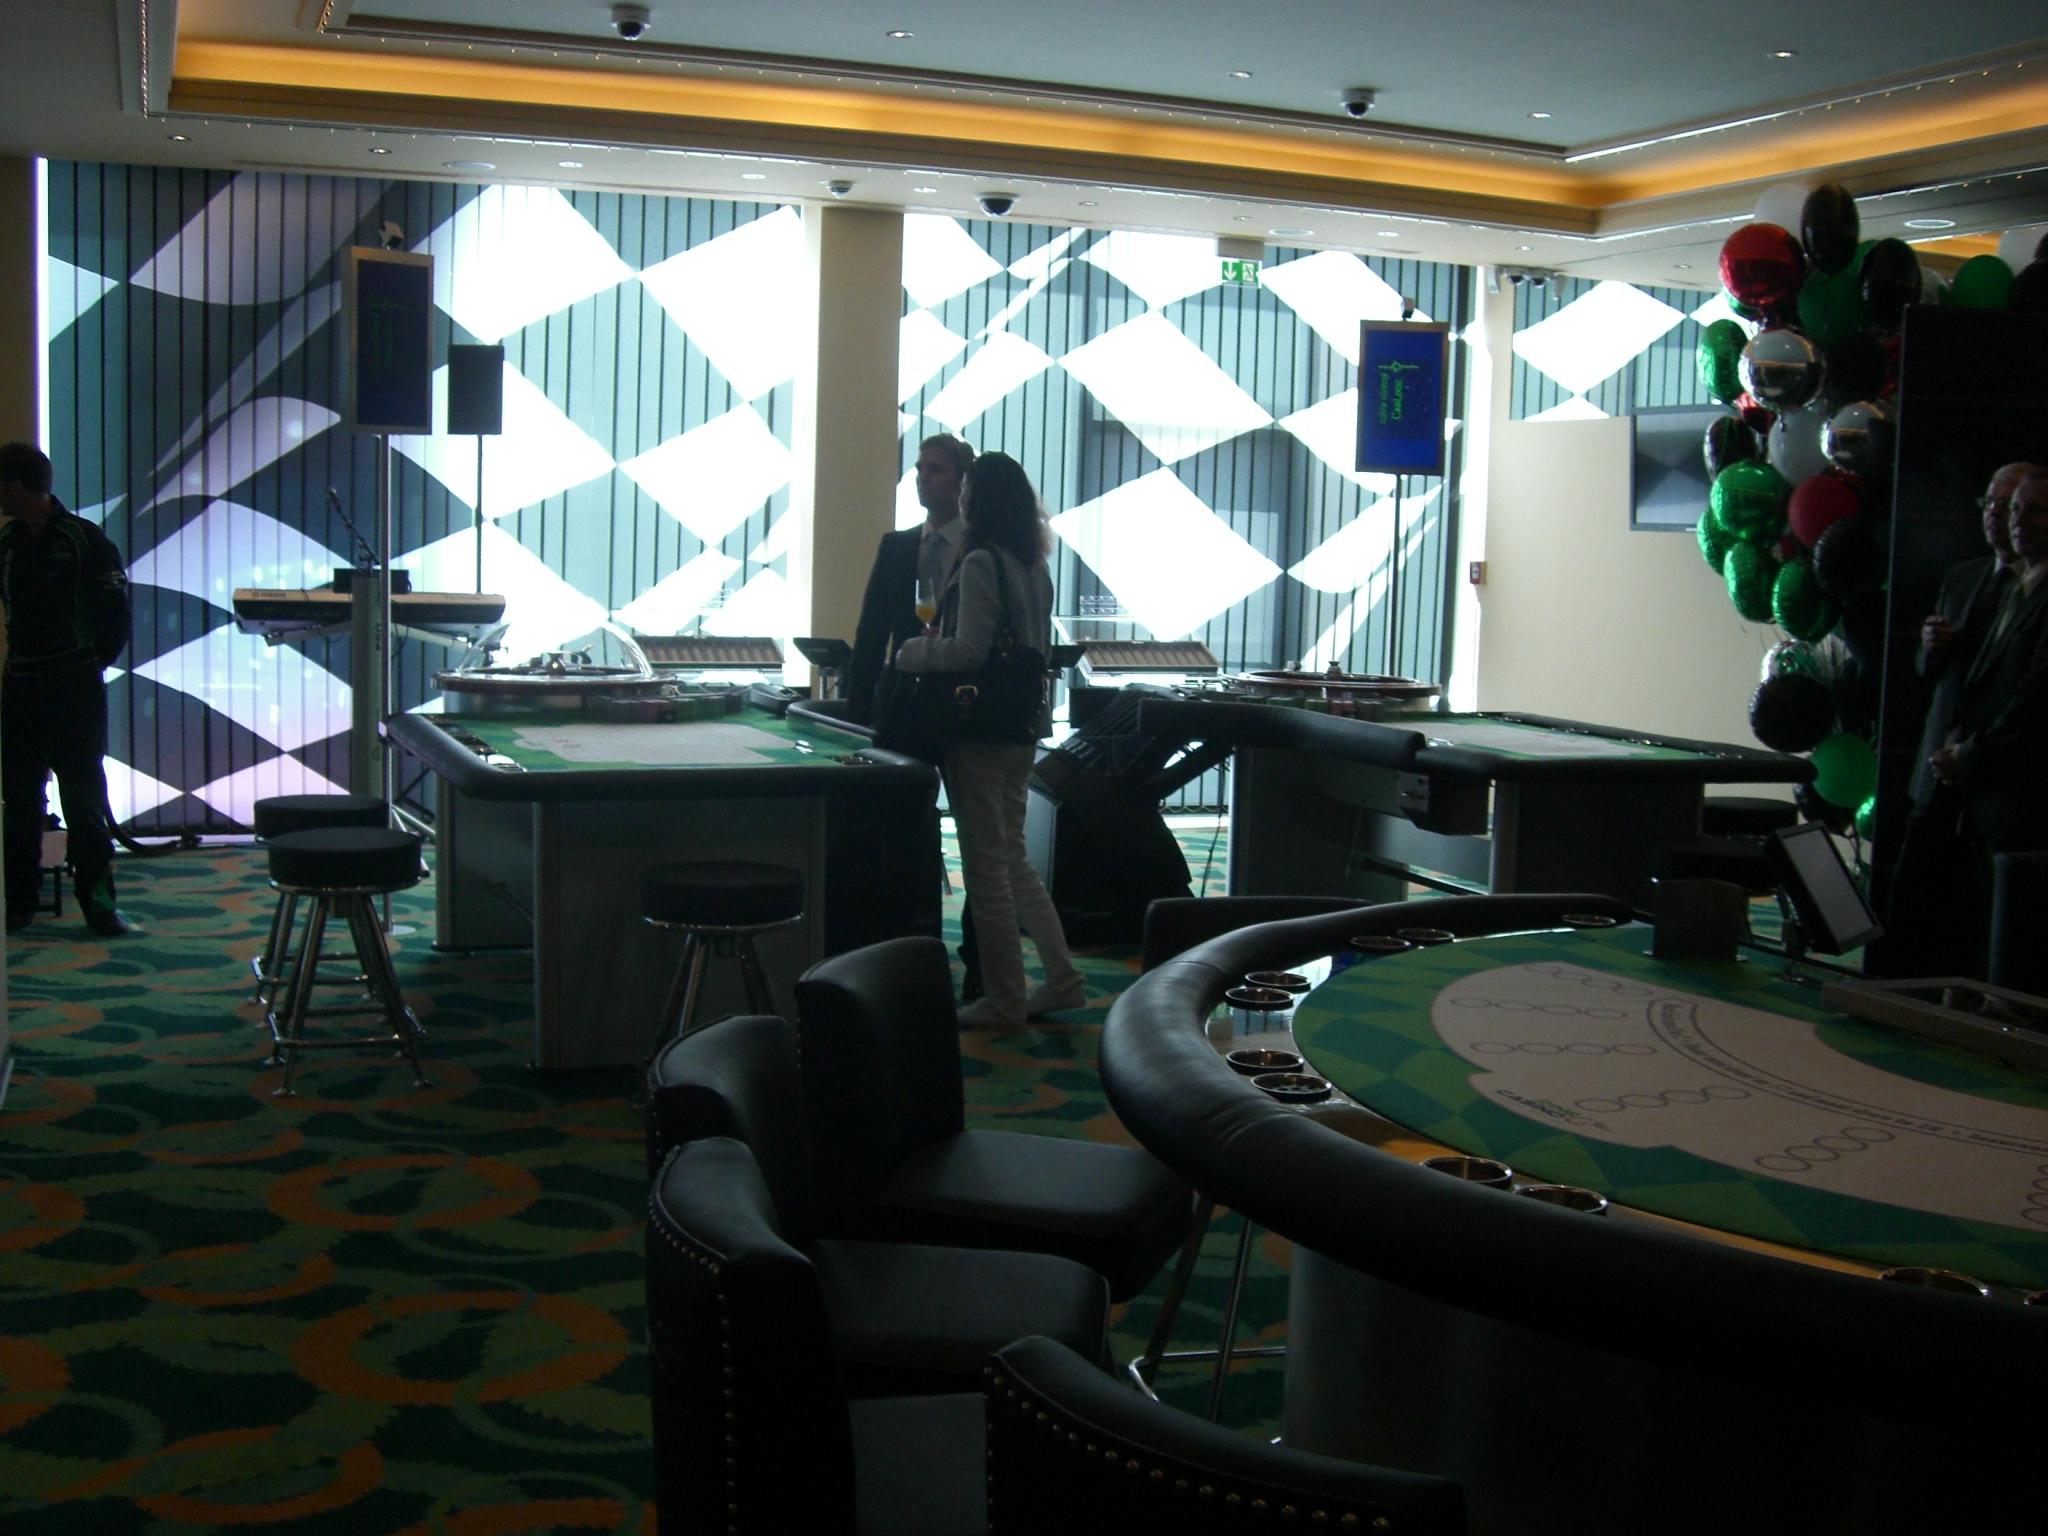 nurburgring casino